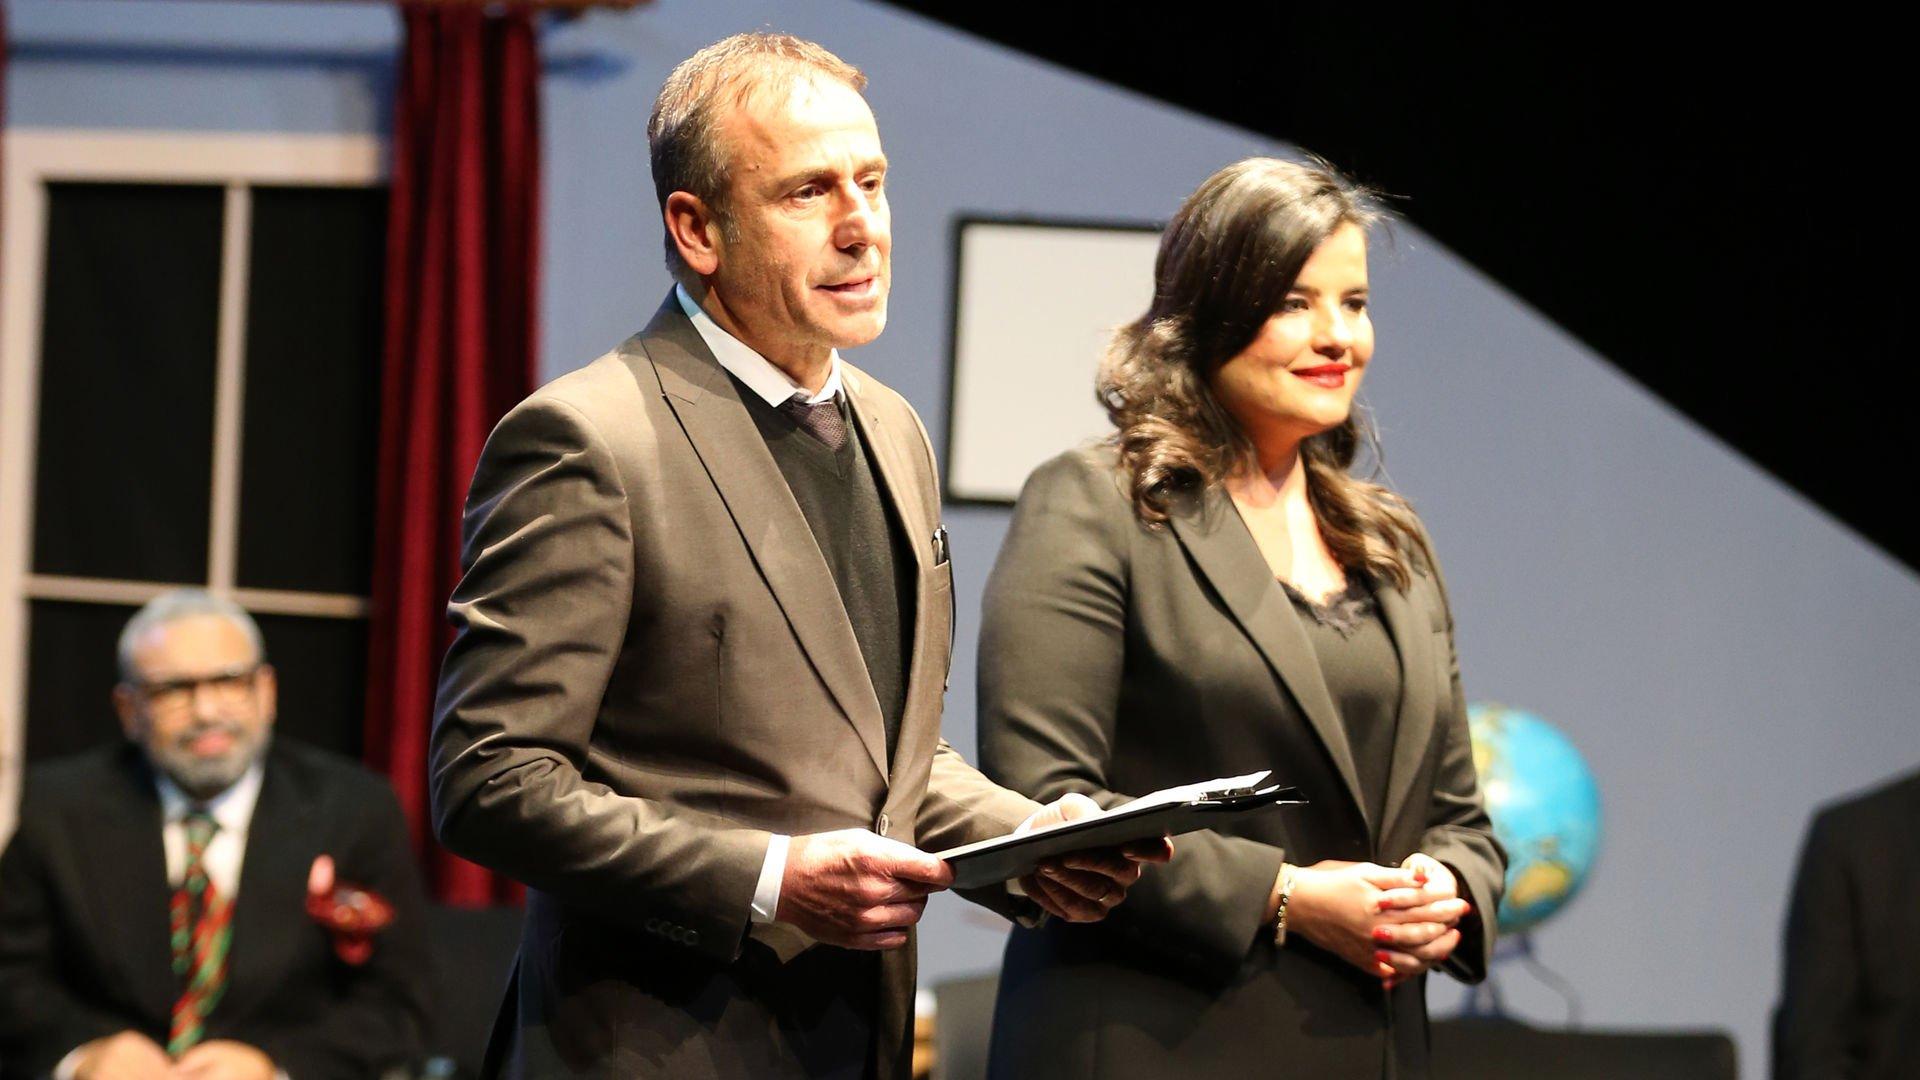 Tiyatronun 'Mahmut Hoca'sı Avcı